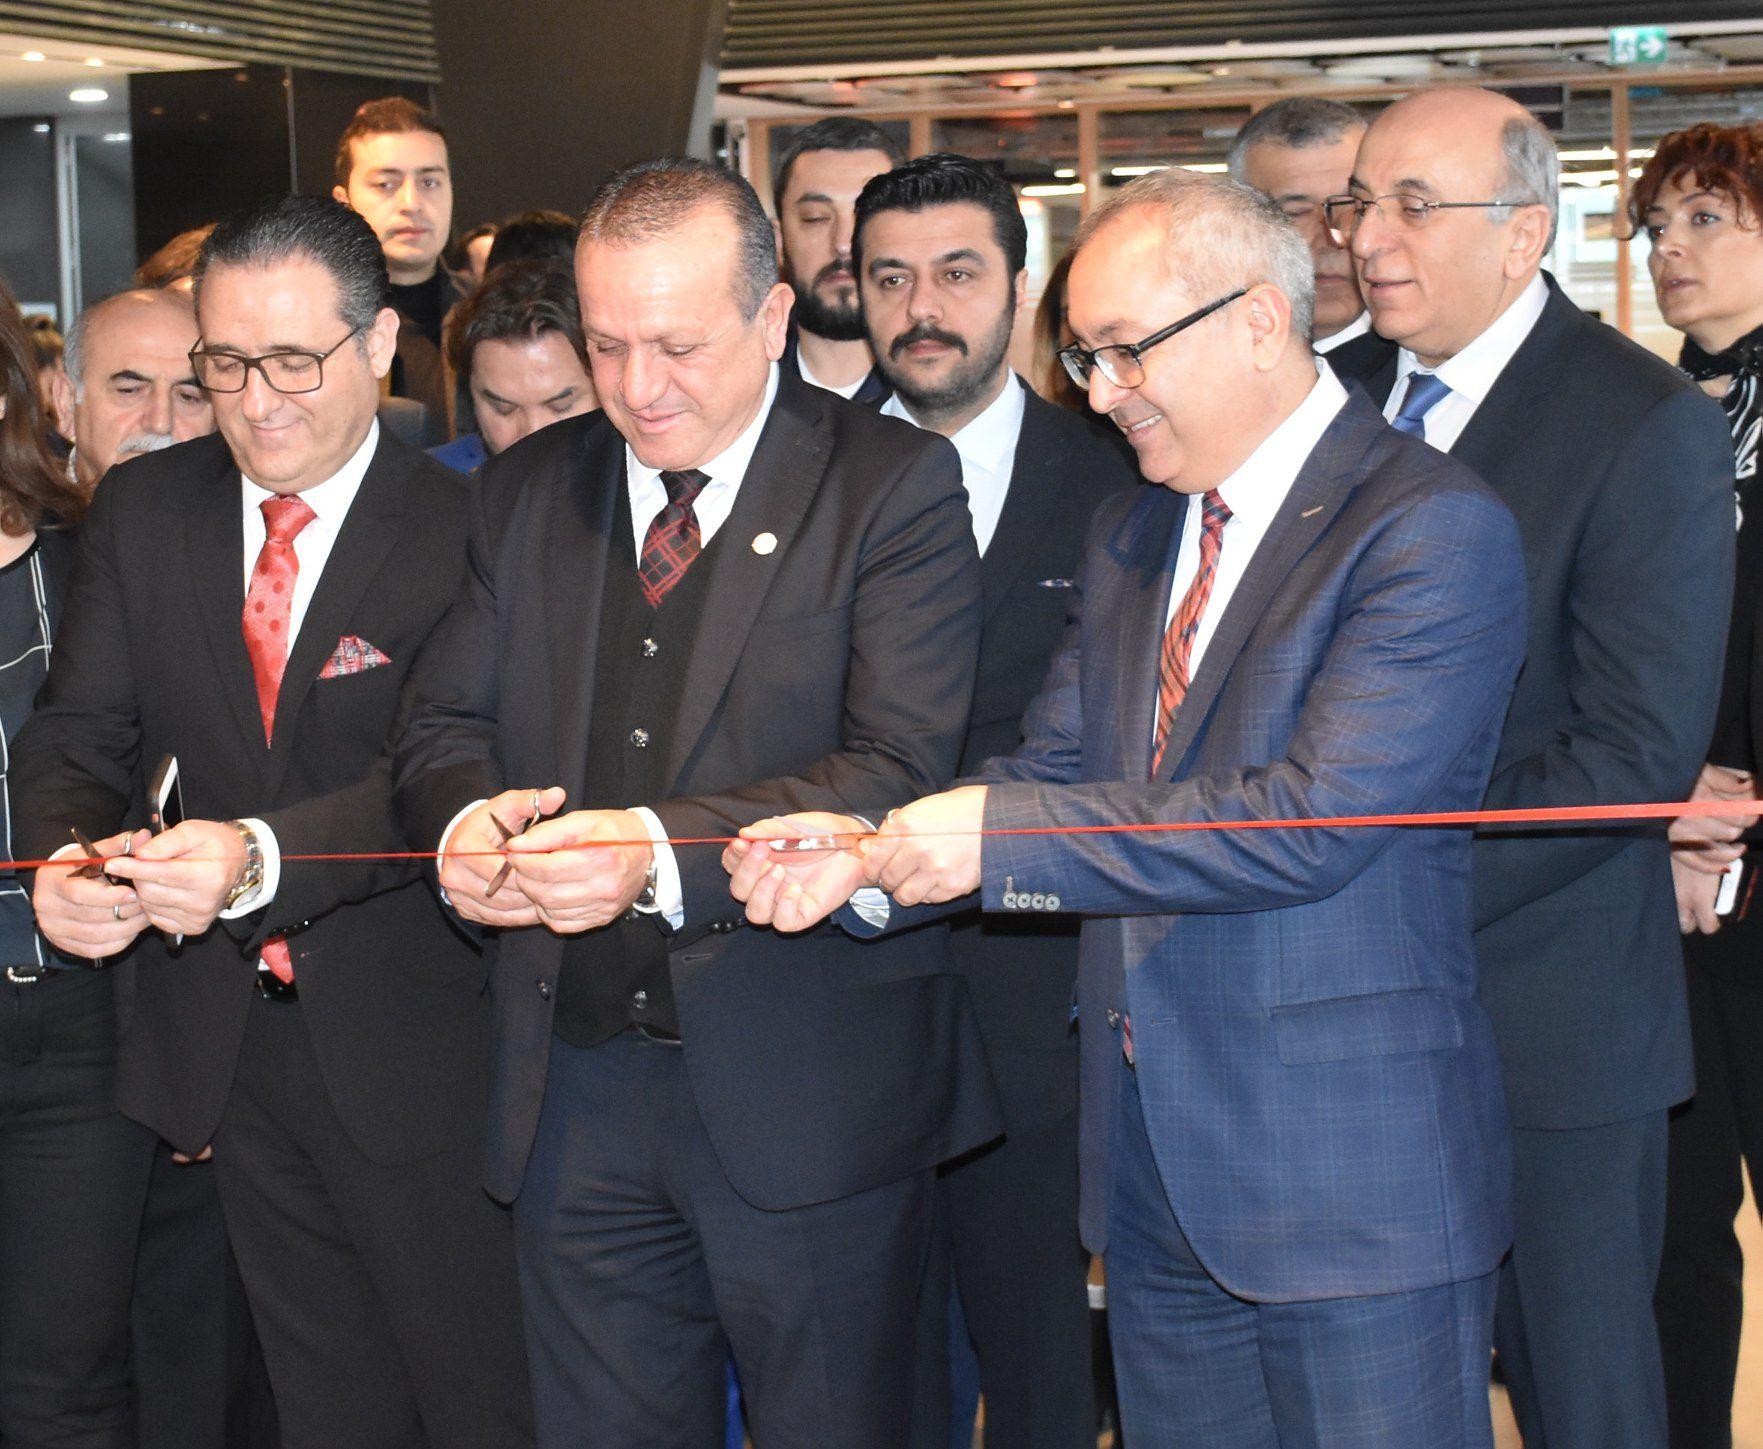 Северный Кипр участвует в 1-м Международном саммите по туризму